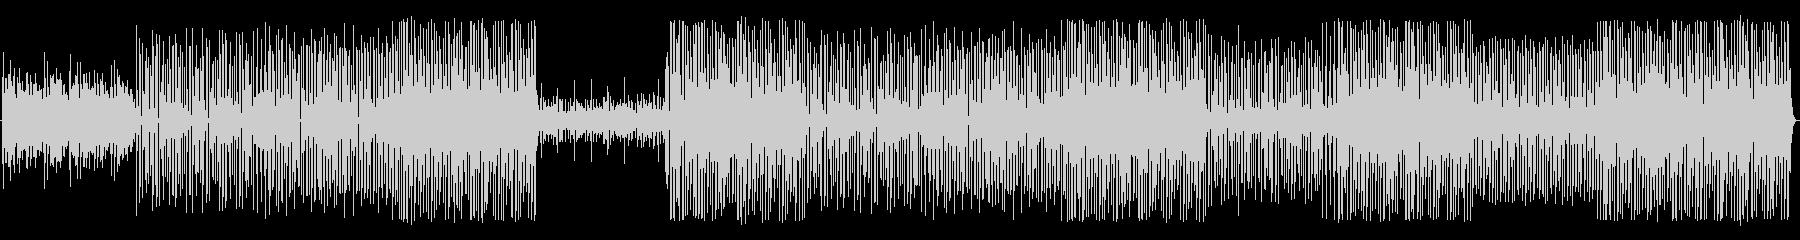 モダンでクールなこのヒップホップト...の未再生の波形